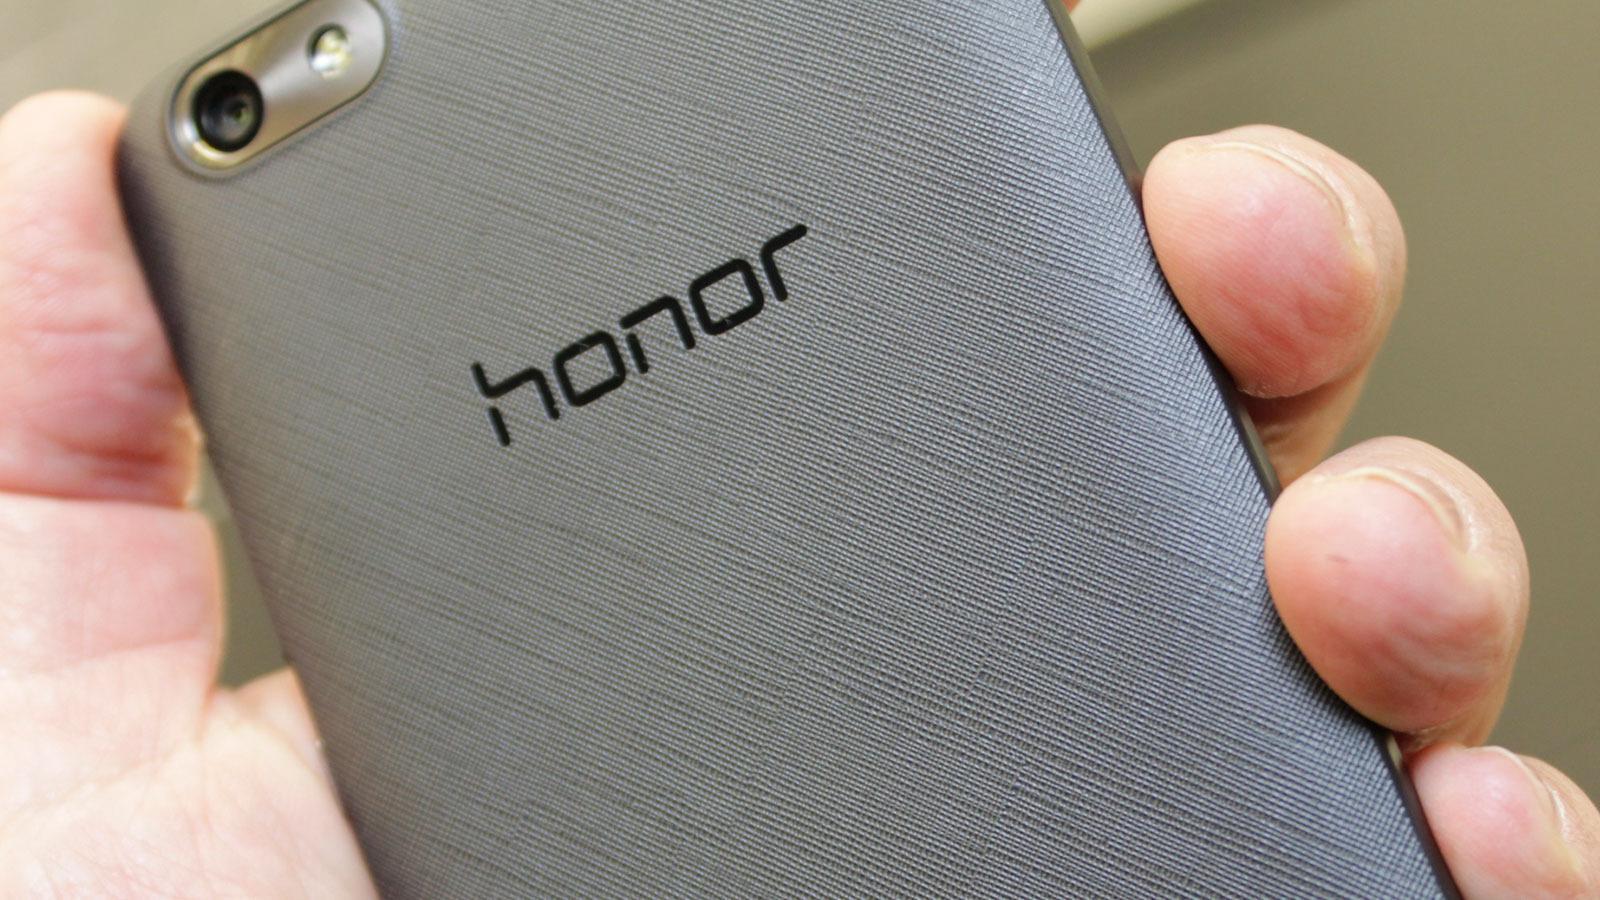 Honor 4X har en fin tekstur på baksiden. Det gir godt grep og ser bra ut.